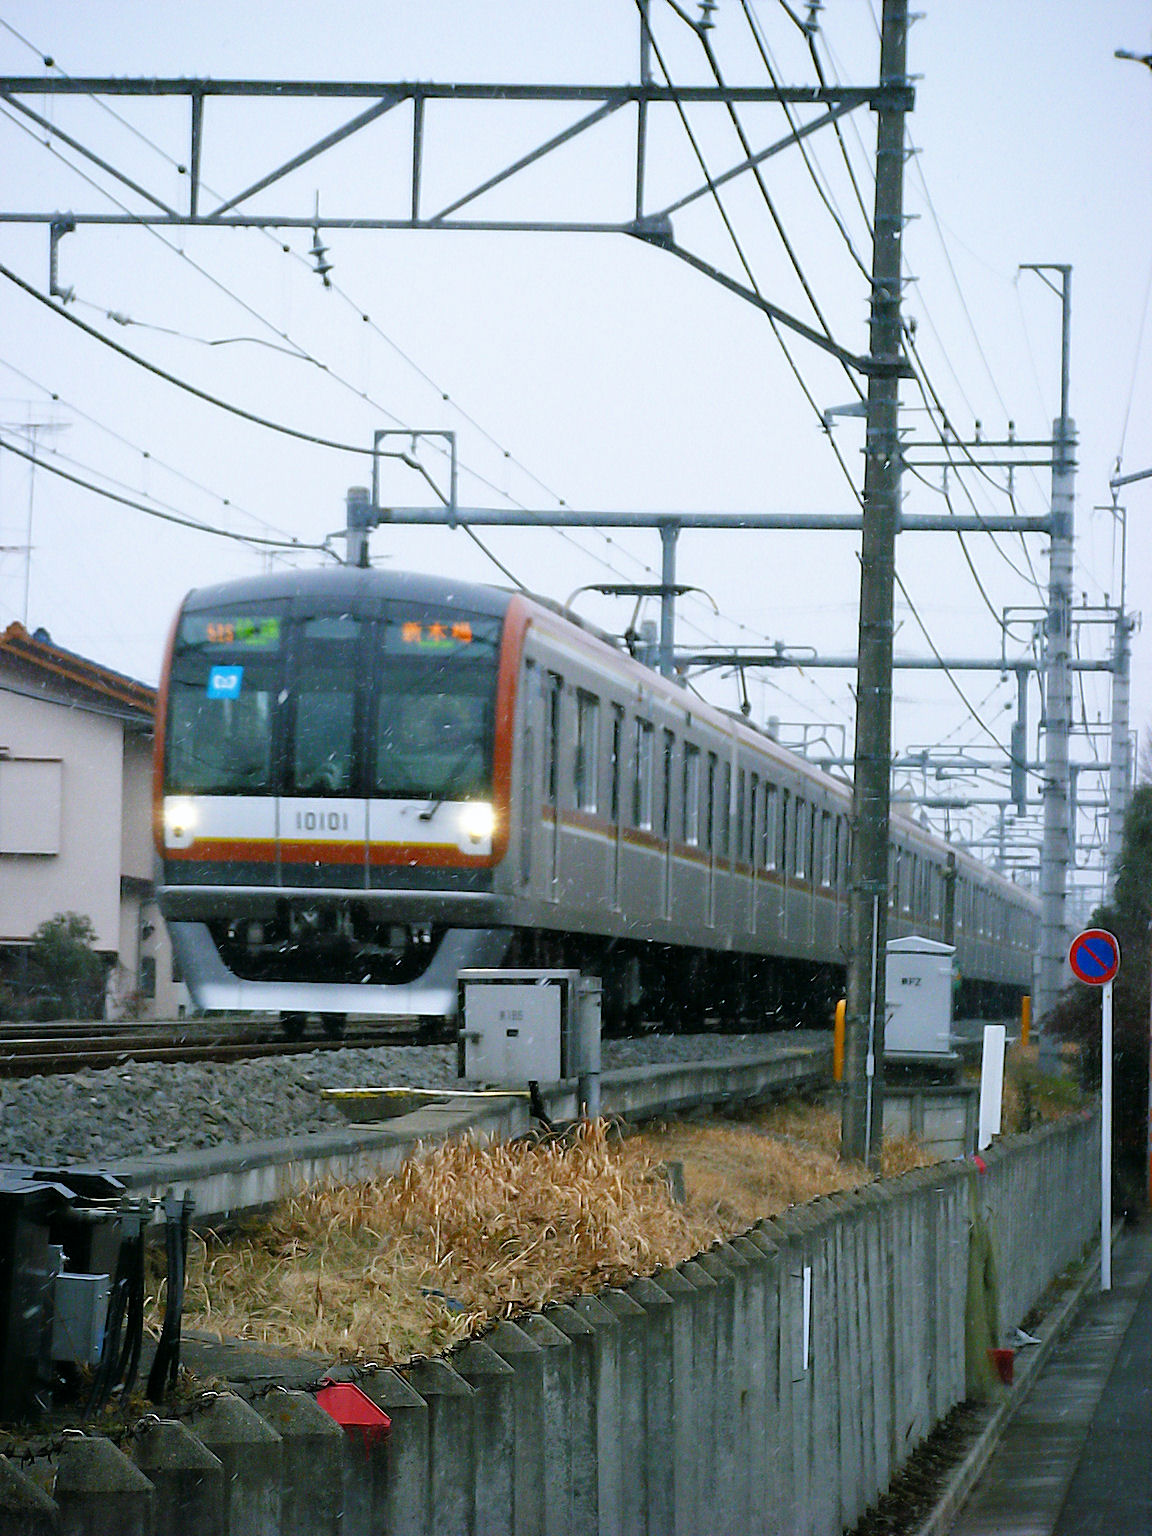 Dscf2534